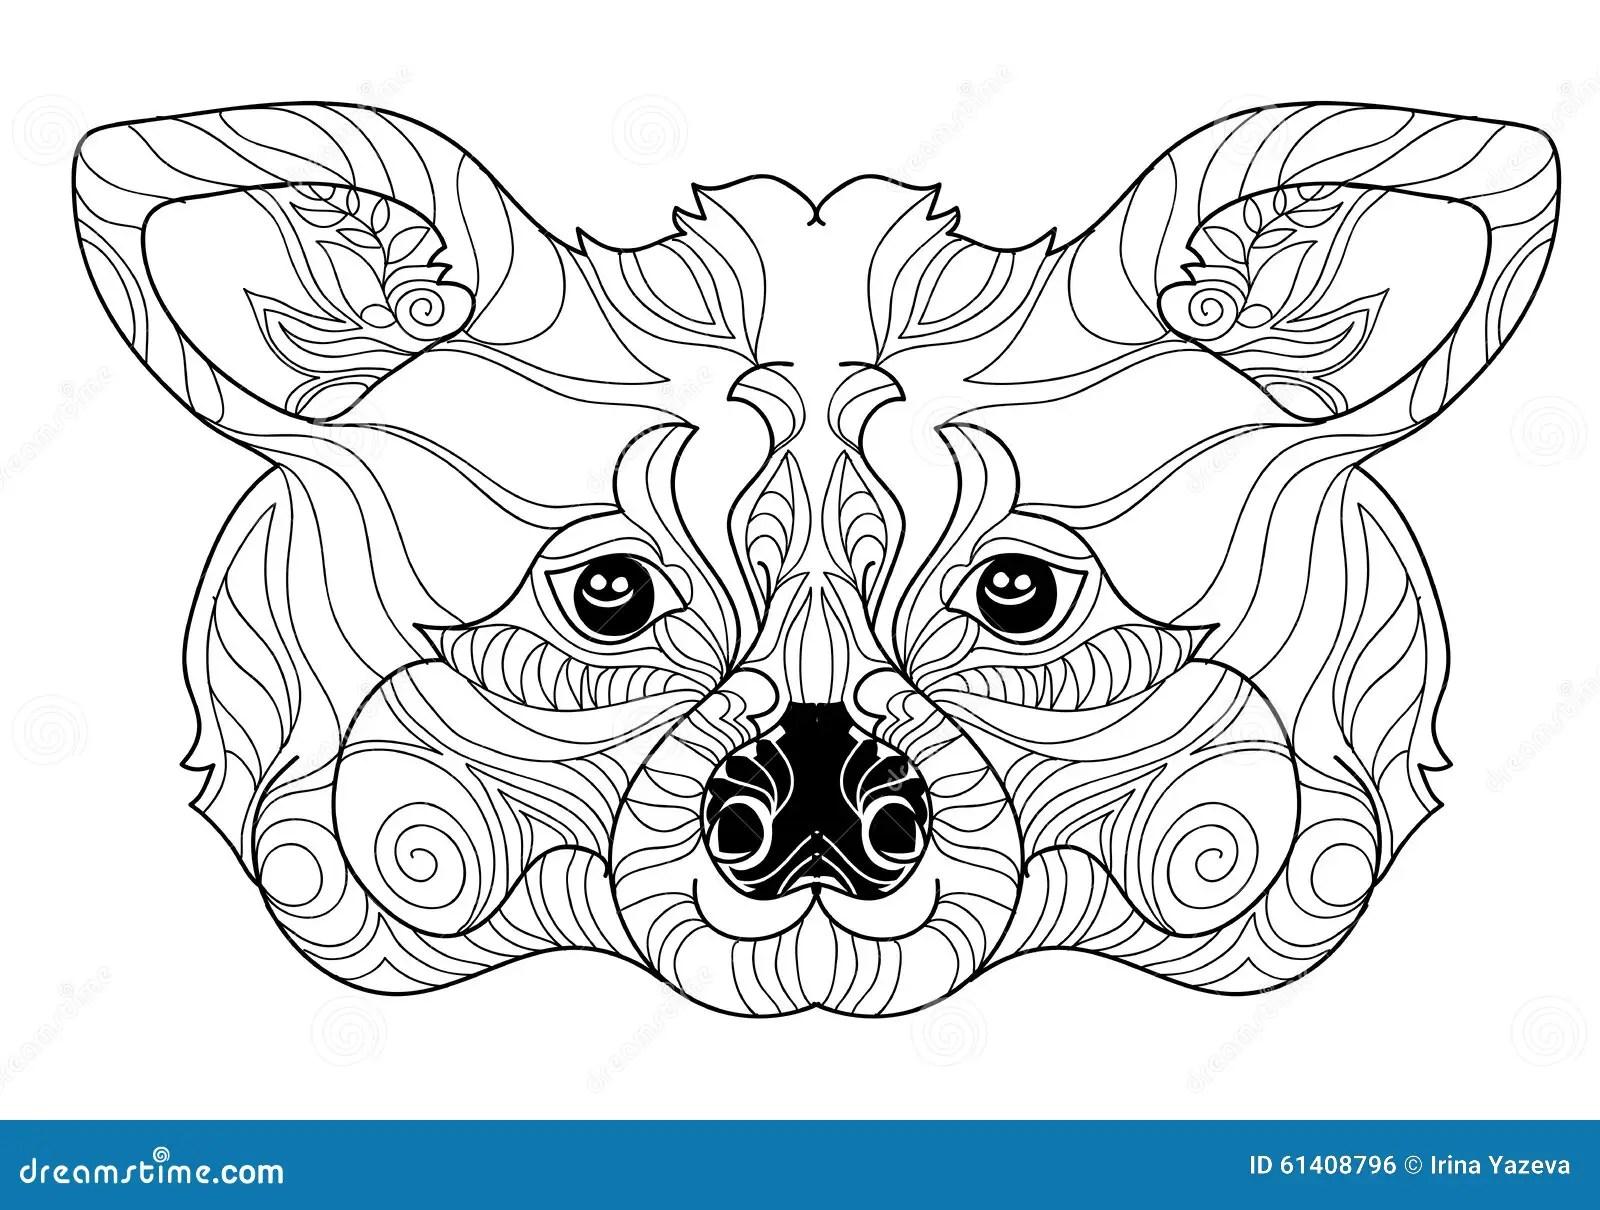 Zentangle Raccoon Head Doodle Hand Drawn Stock Vector Image